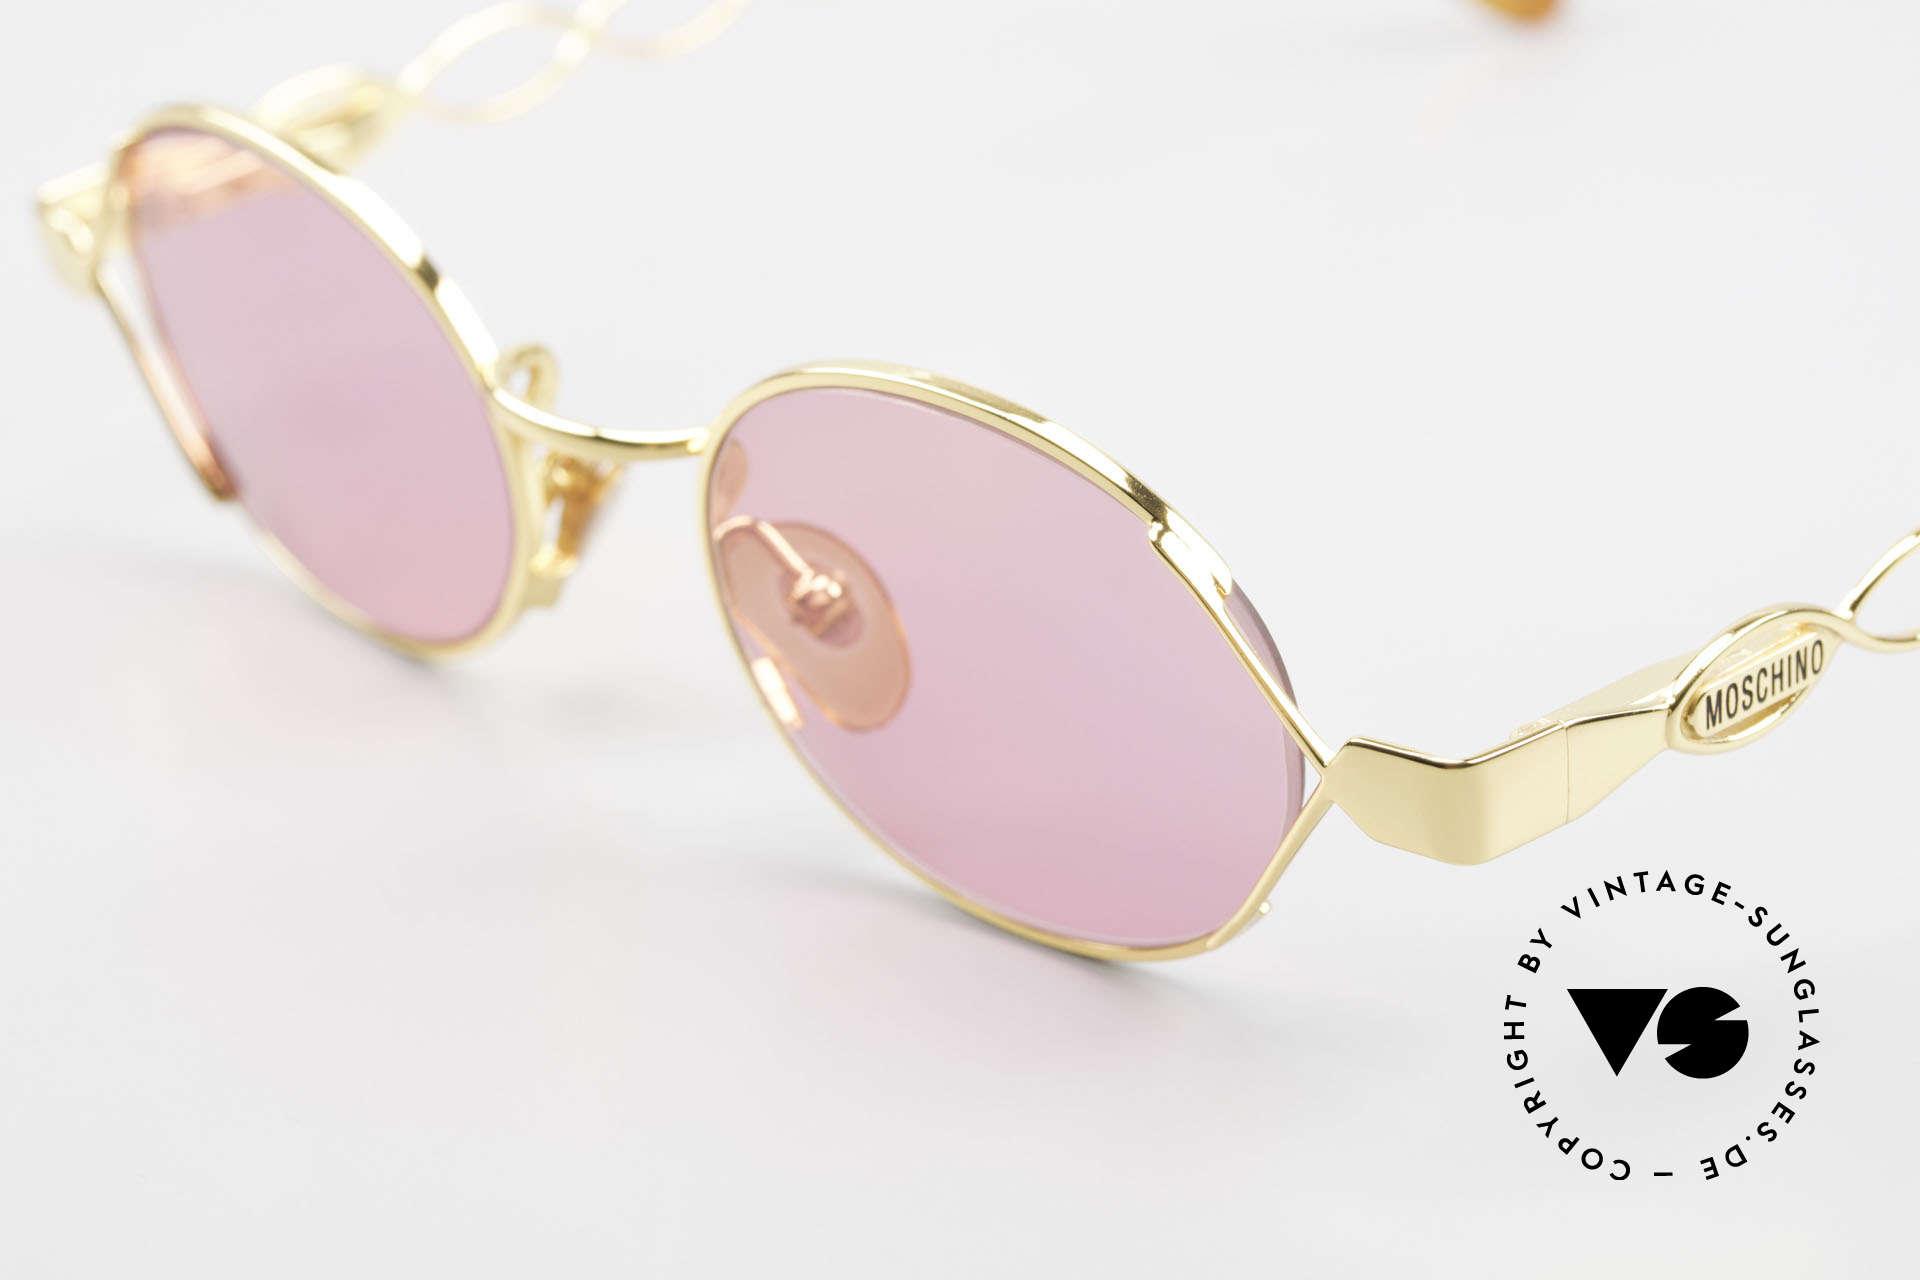 Moschino MM334 Designer Damen Brille Pink, daher Top-Qualität: Federgelenke & Goldlegierung, Passend für Damen